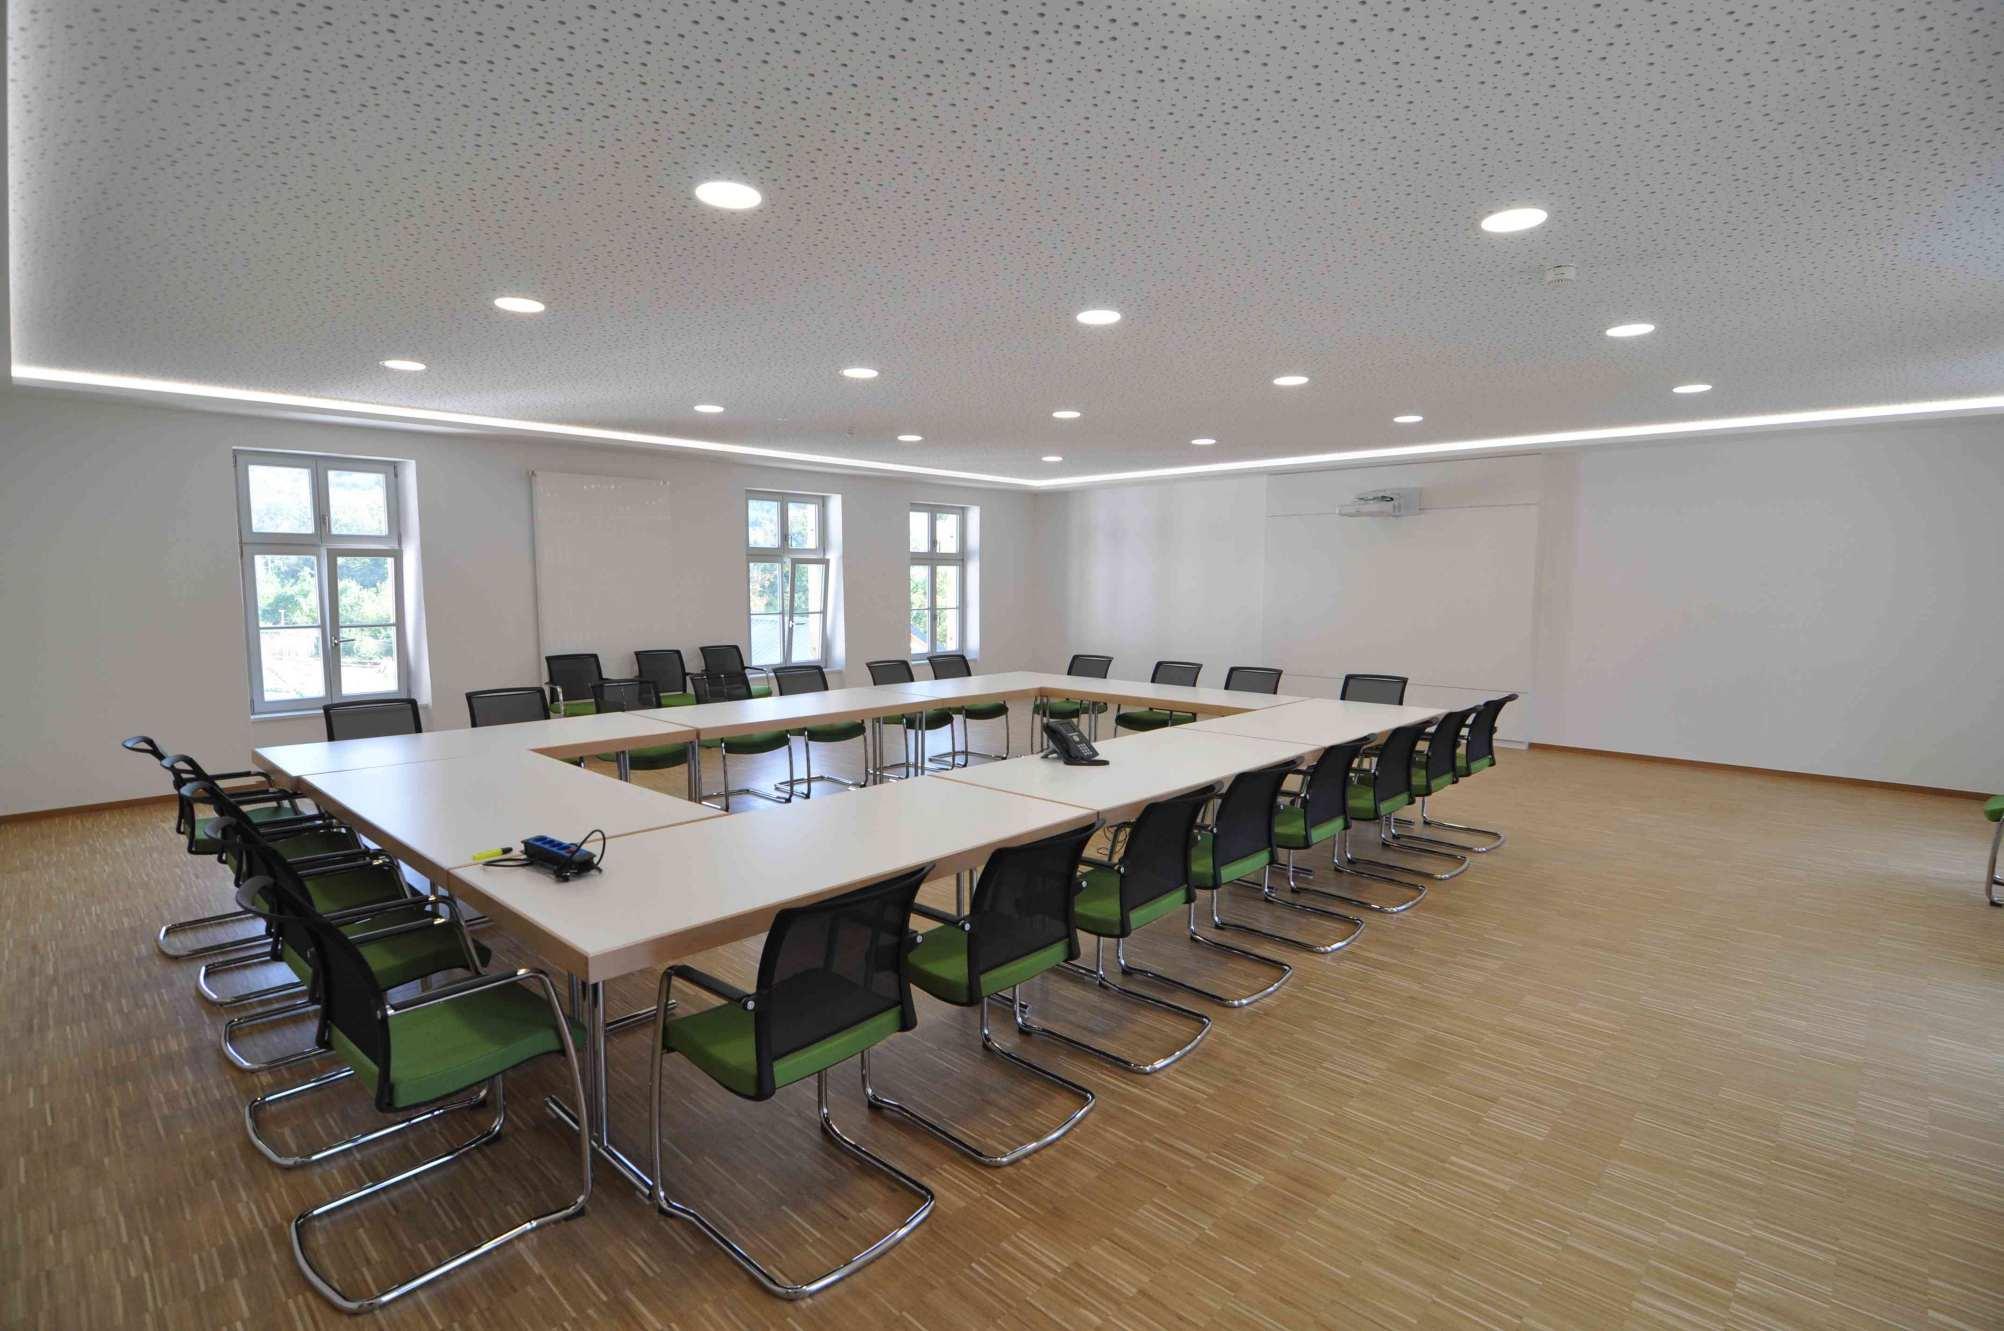 Konferenzraum mit Akustikdecke und Einbaustrahlern